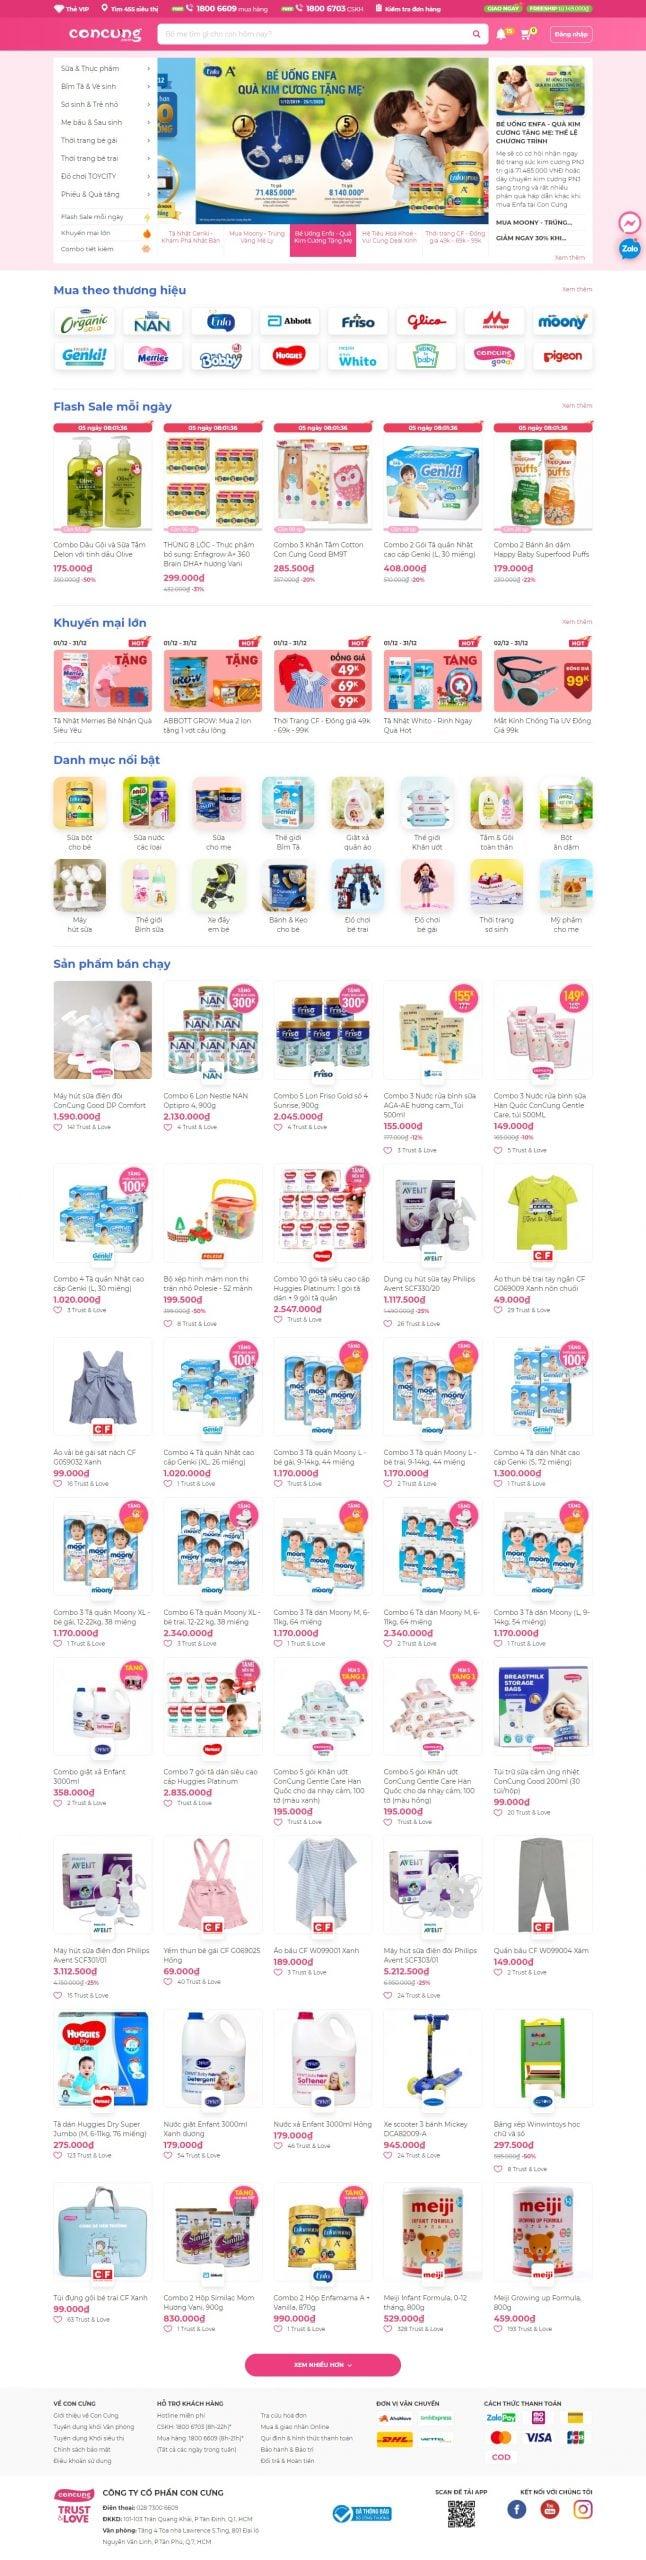 Mẫu thiết kế website bán hàng -concung.com Chuỗi hệ thống siêu thị mẹ bầu và em bé toàn quốc